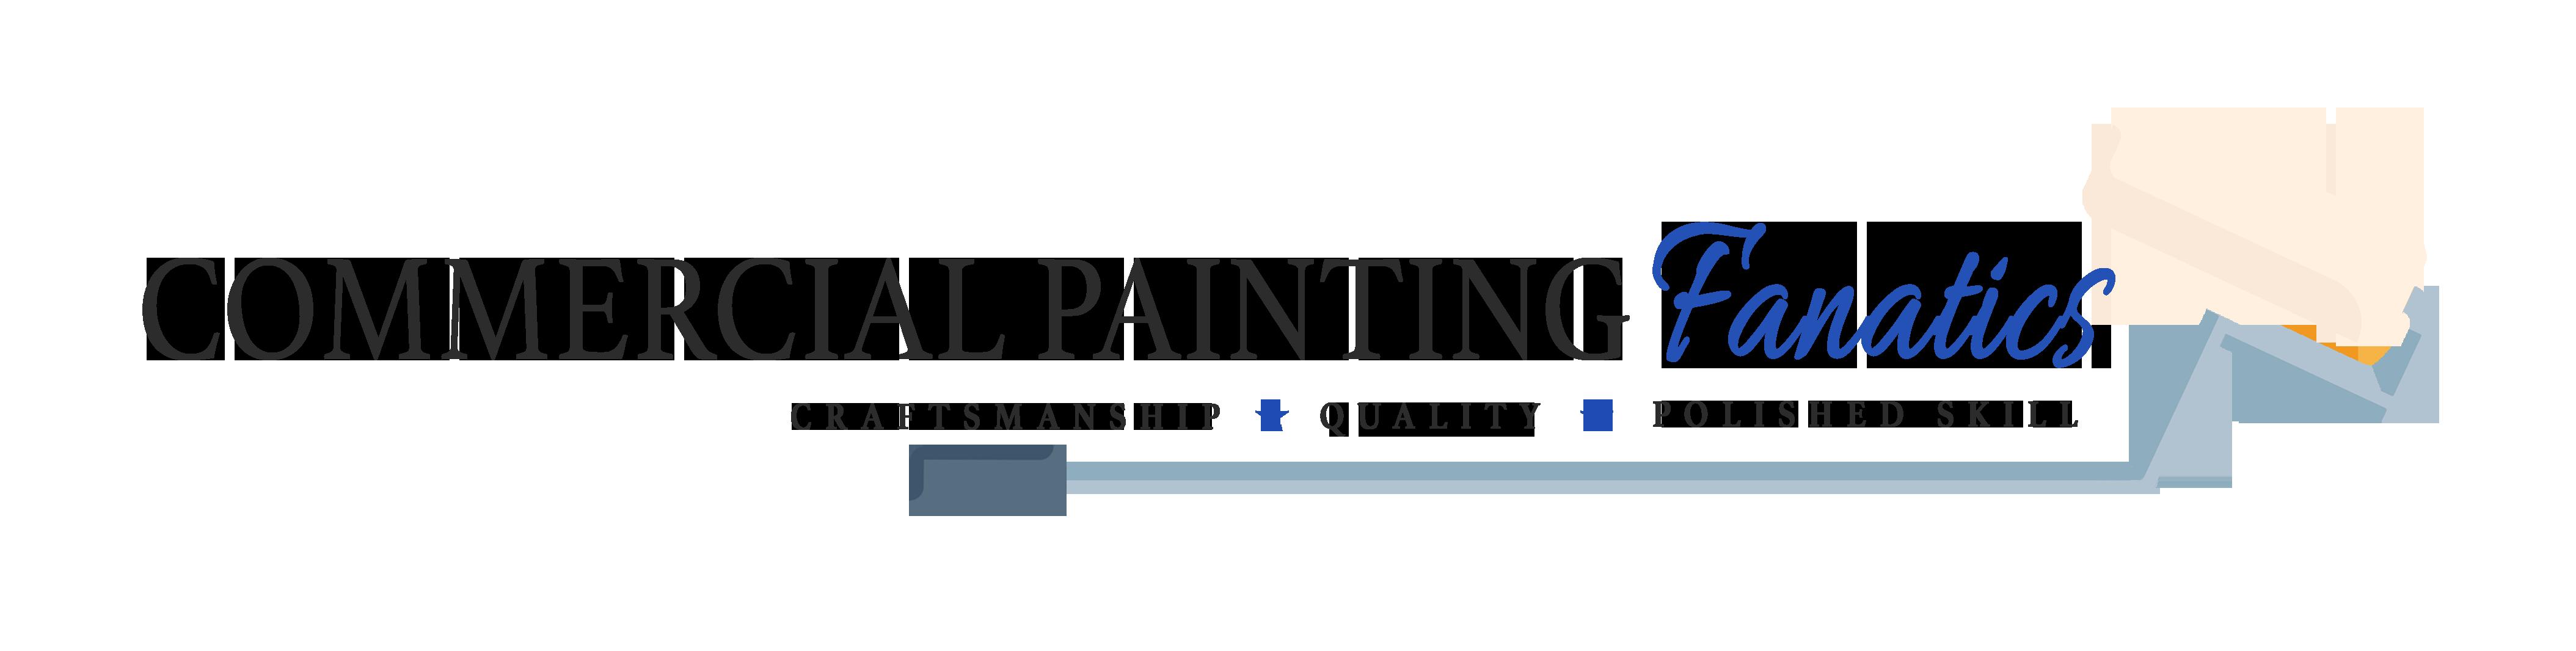 Commercial Painters Cincinnati Ohio